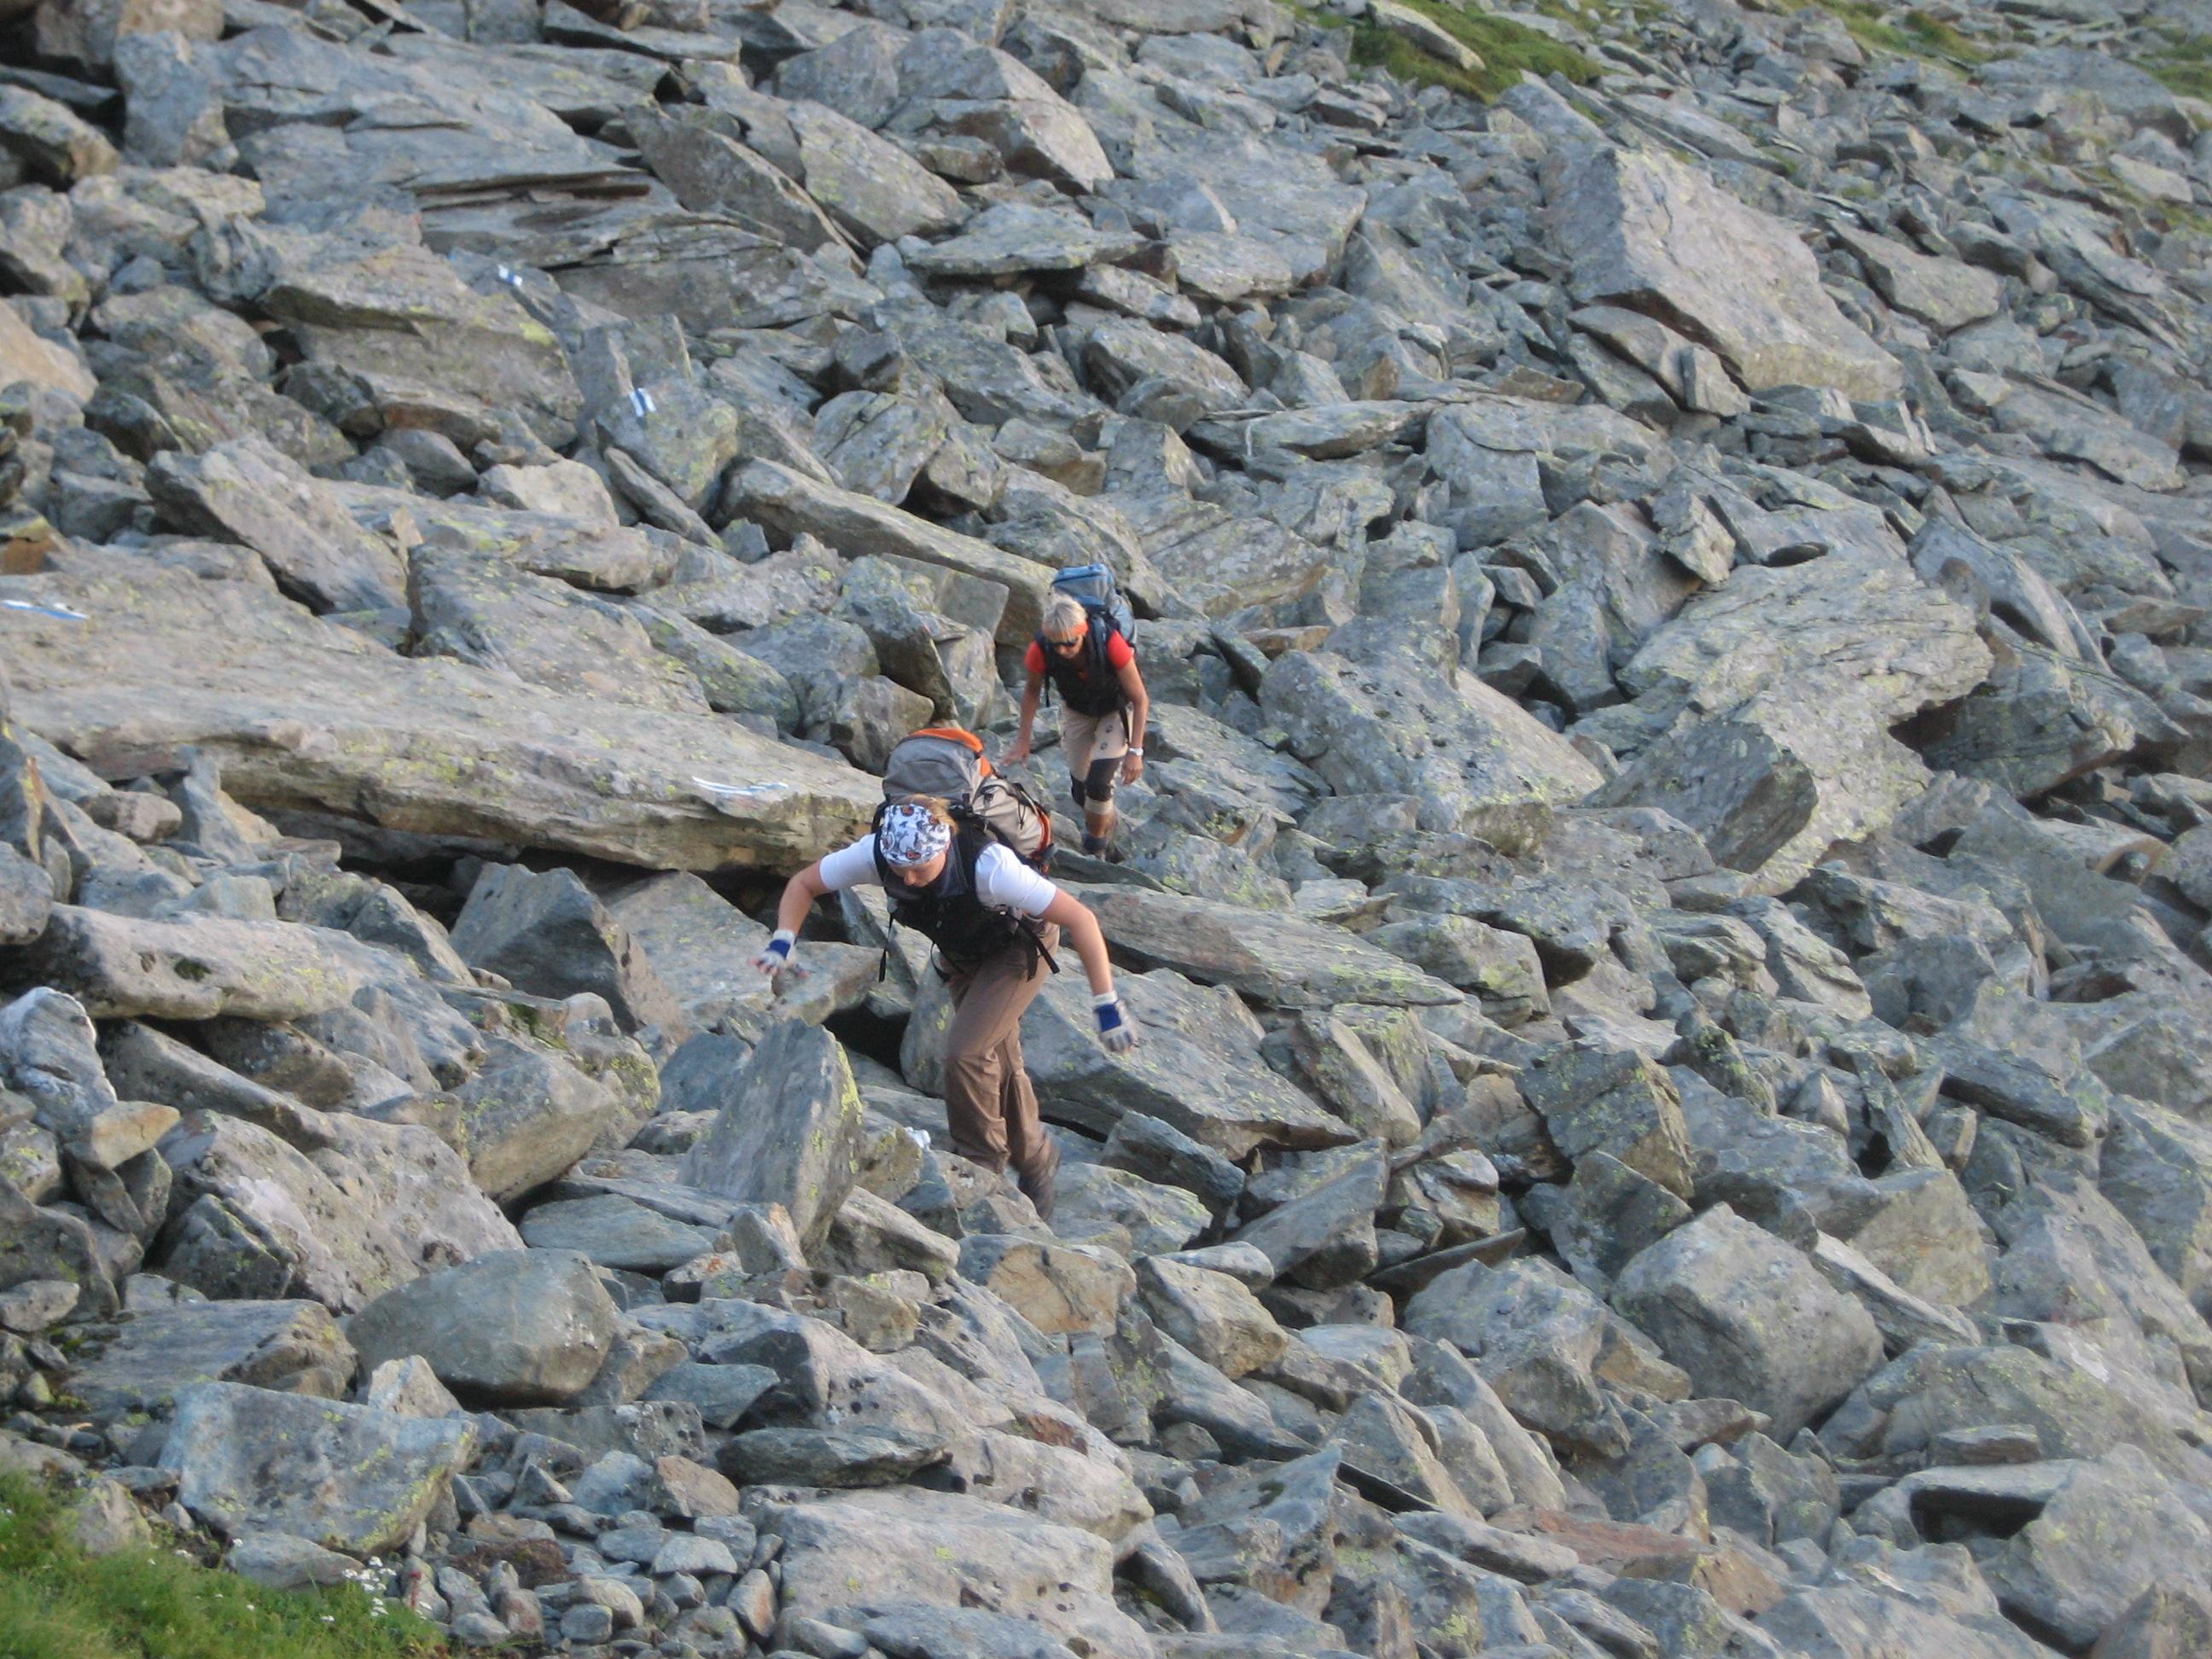 Klettersteig Jegihorn : Mittaghorn klettersteig faszination hochtouren